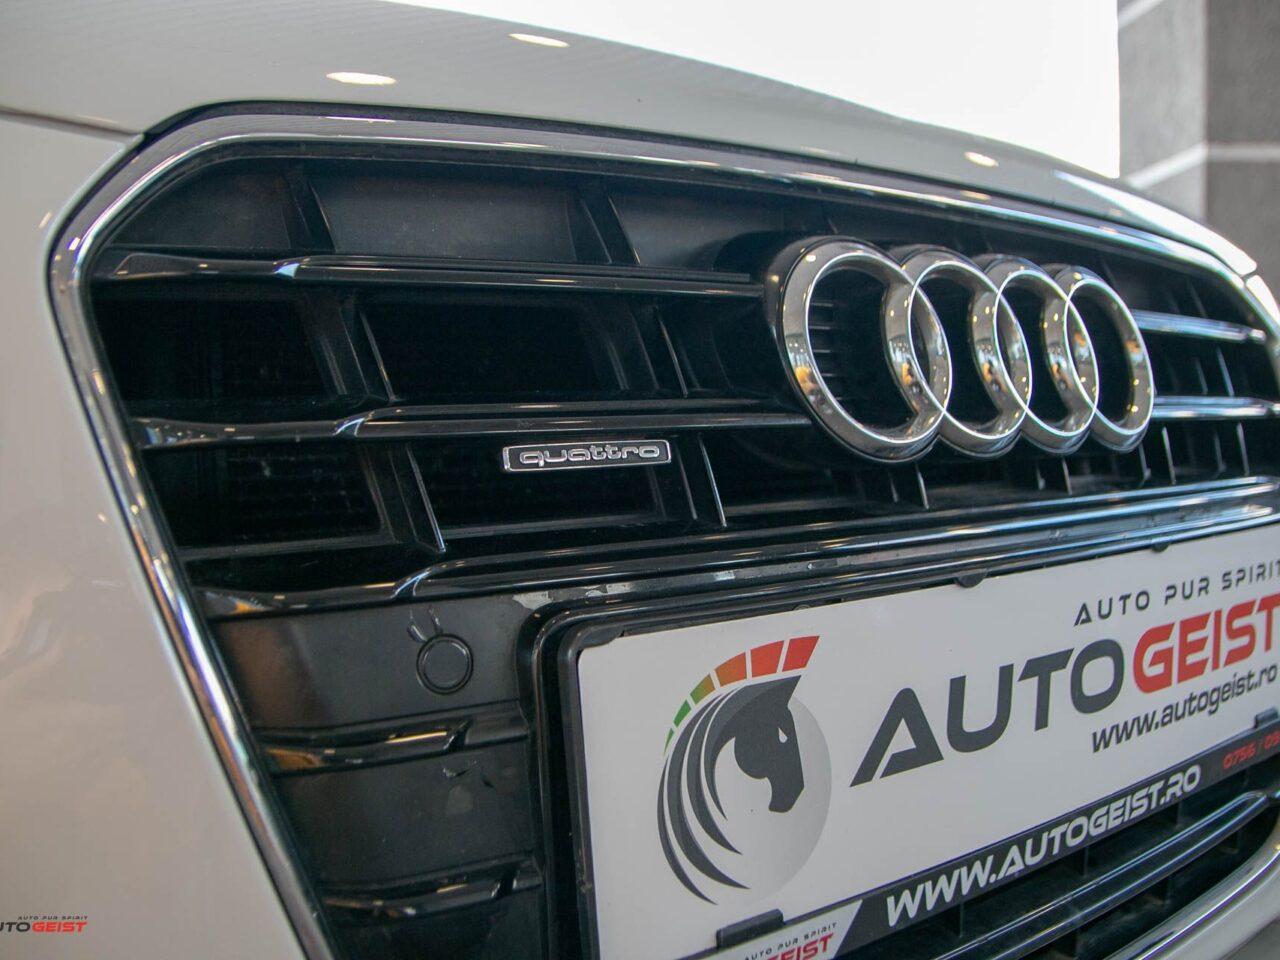 Audi-A5-2016-sline-9925